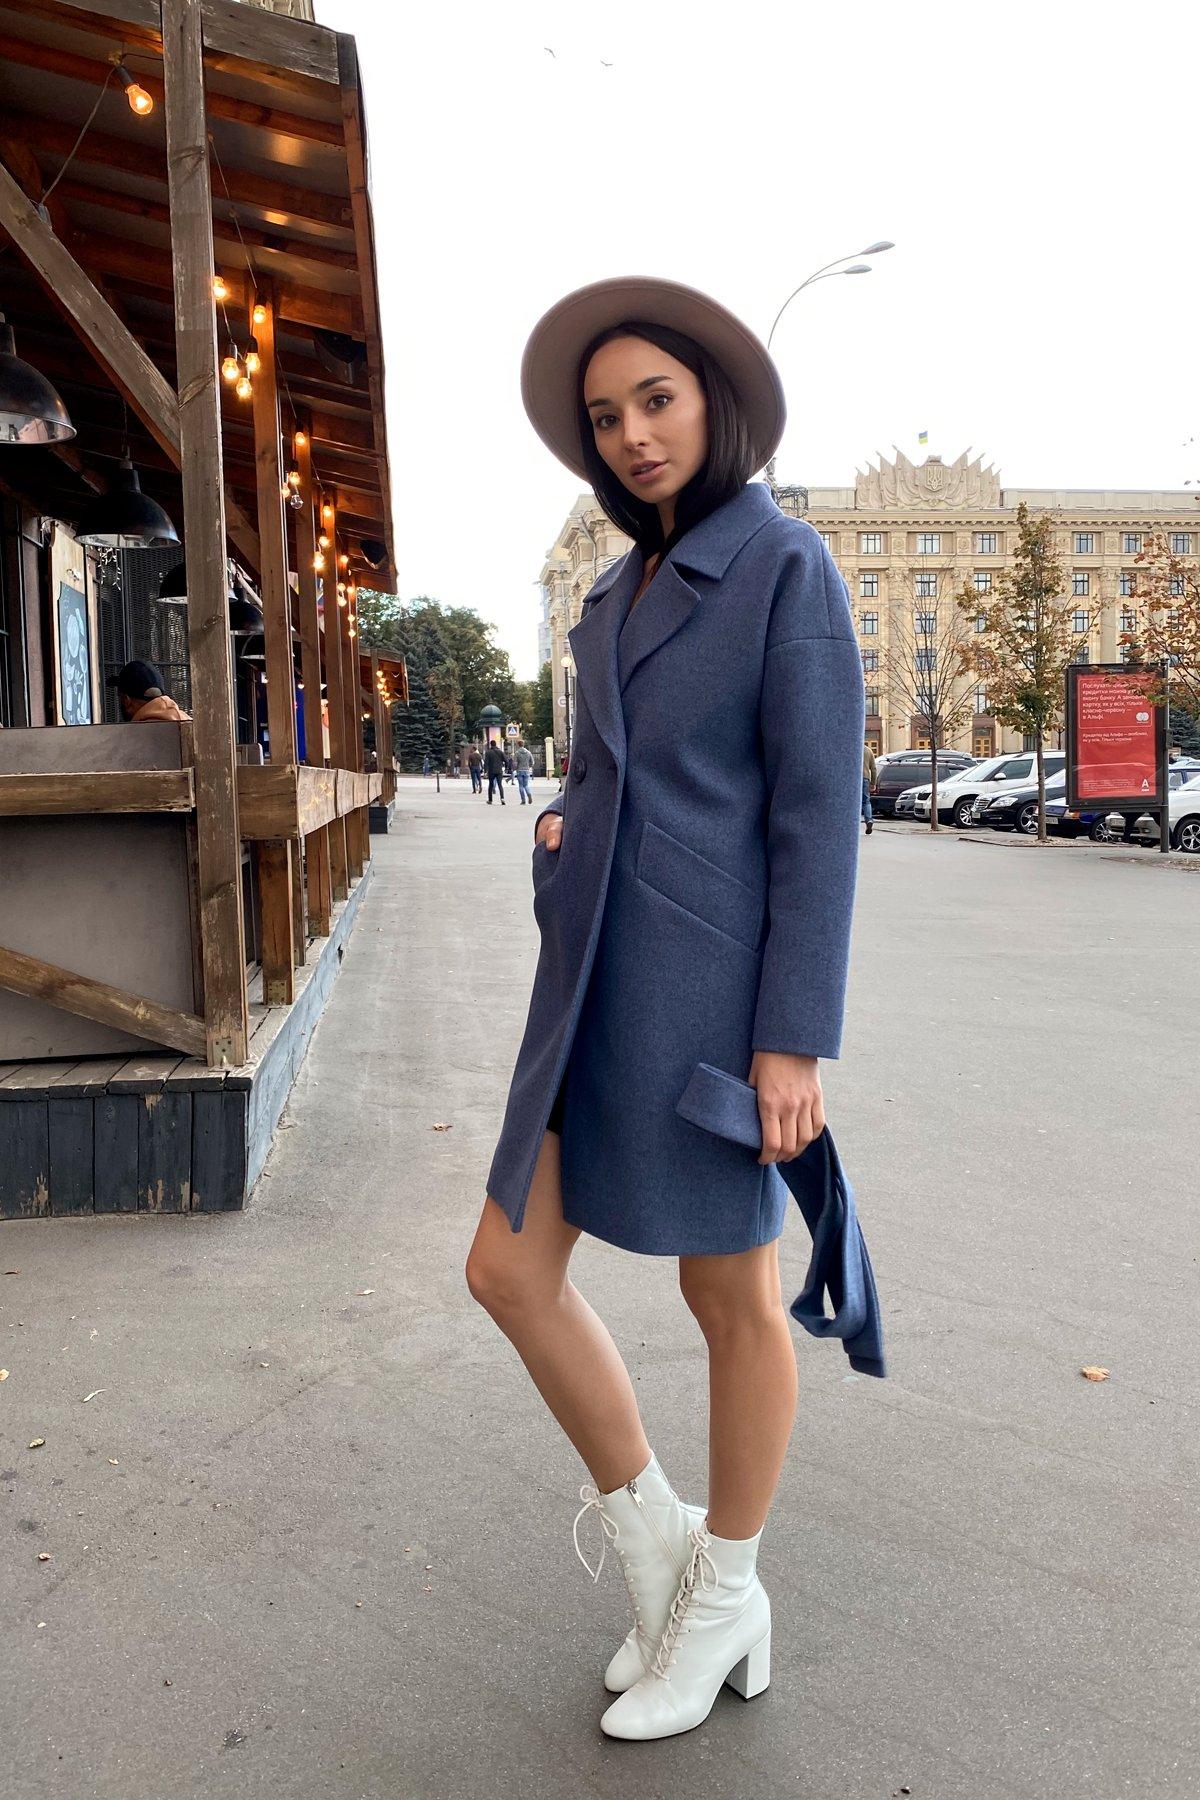 Пальто Сенсей 9057 АРТ. 45371 Цвет: Джинс 41 - фото 5, интернет магазин tm-modus.ru